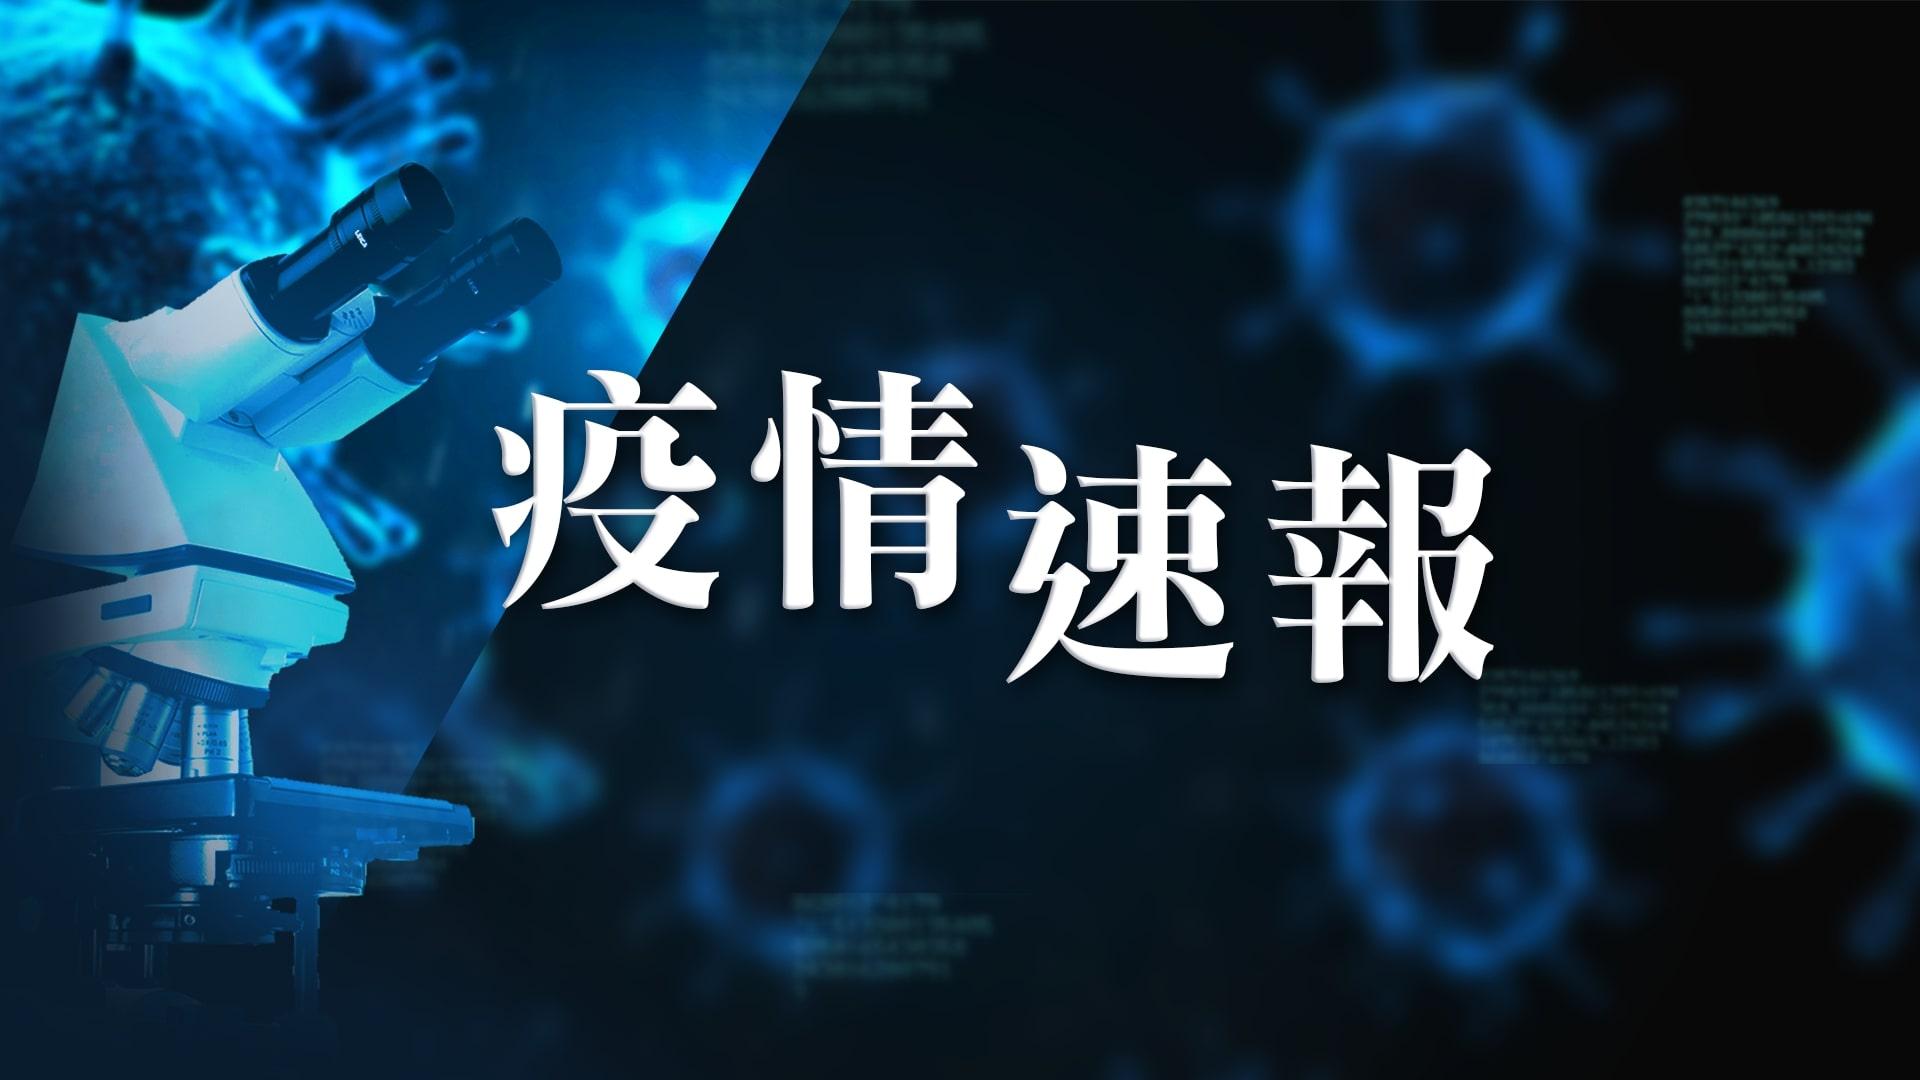 【6月5日疫情速報】(23:35)